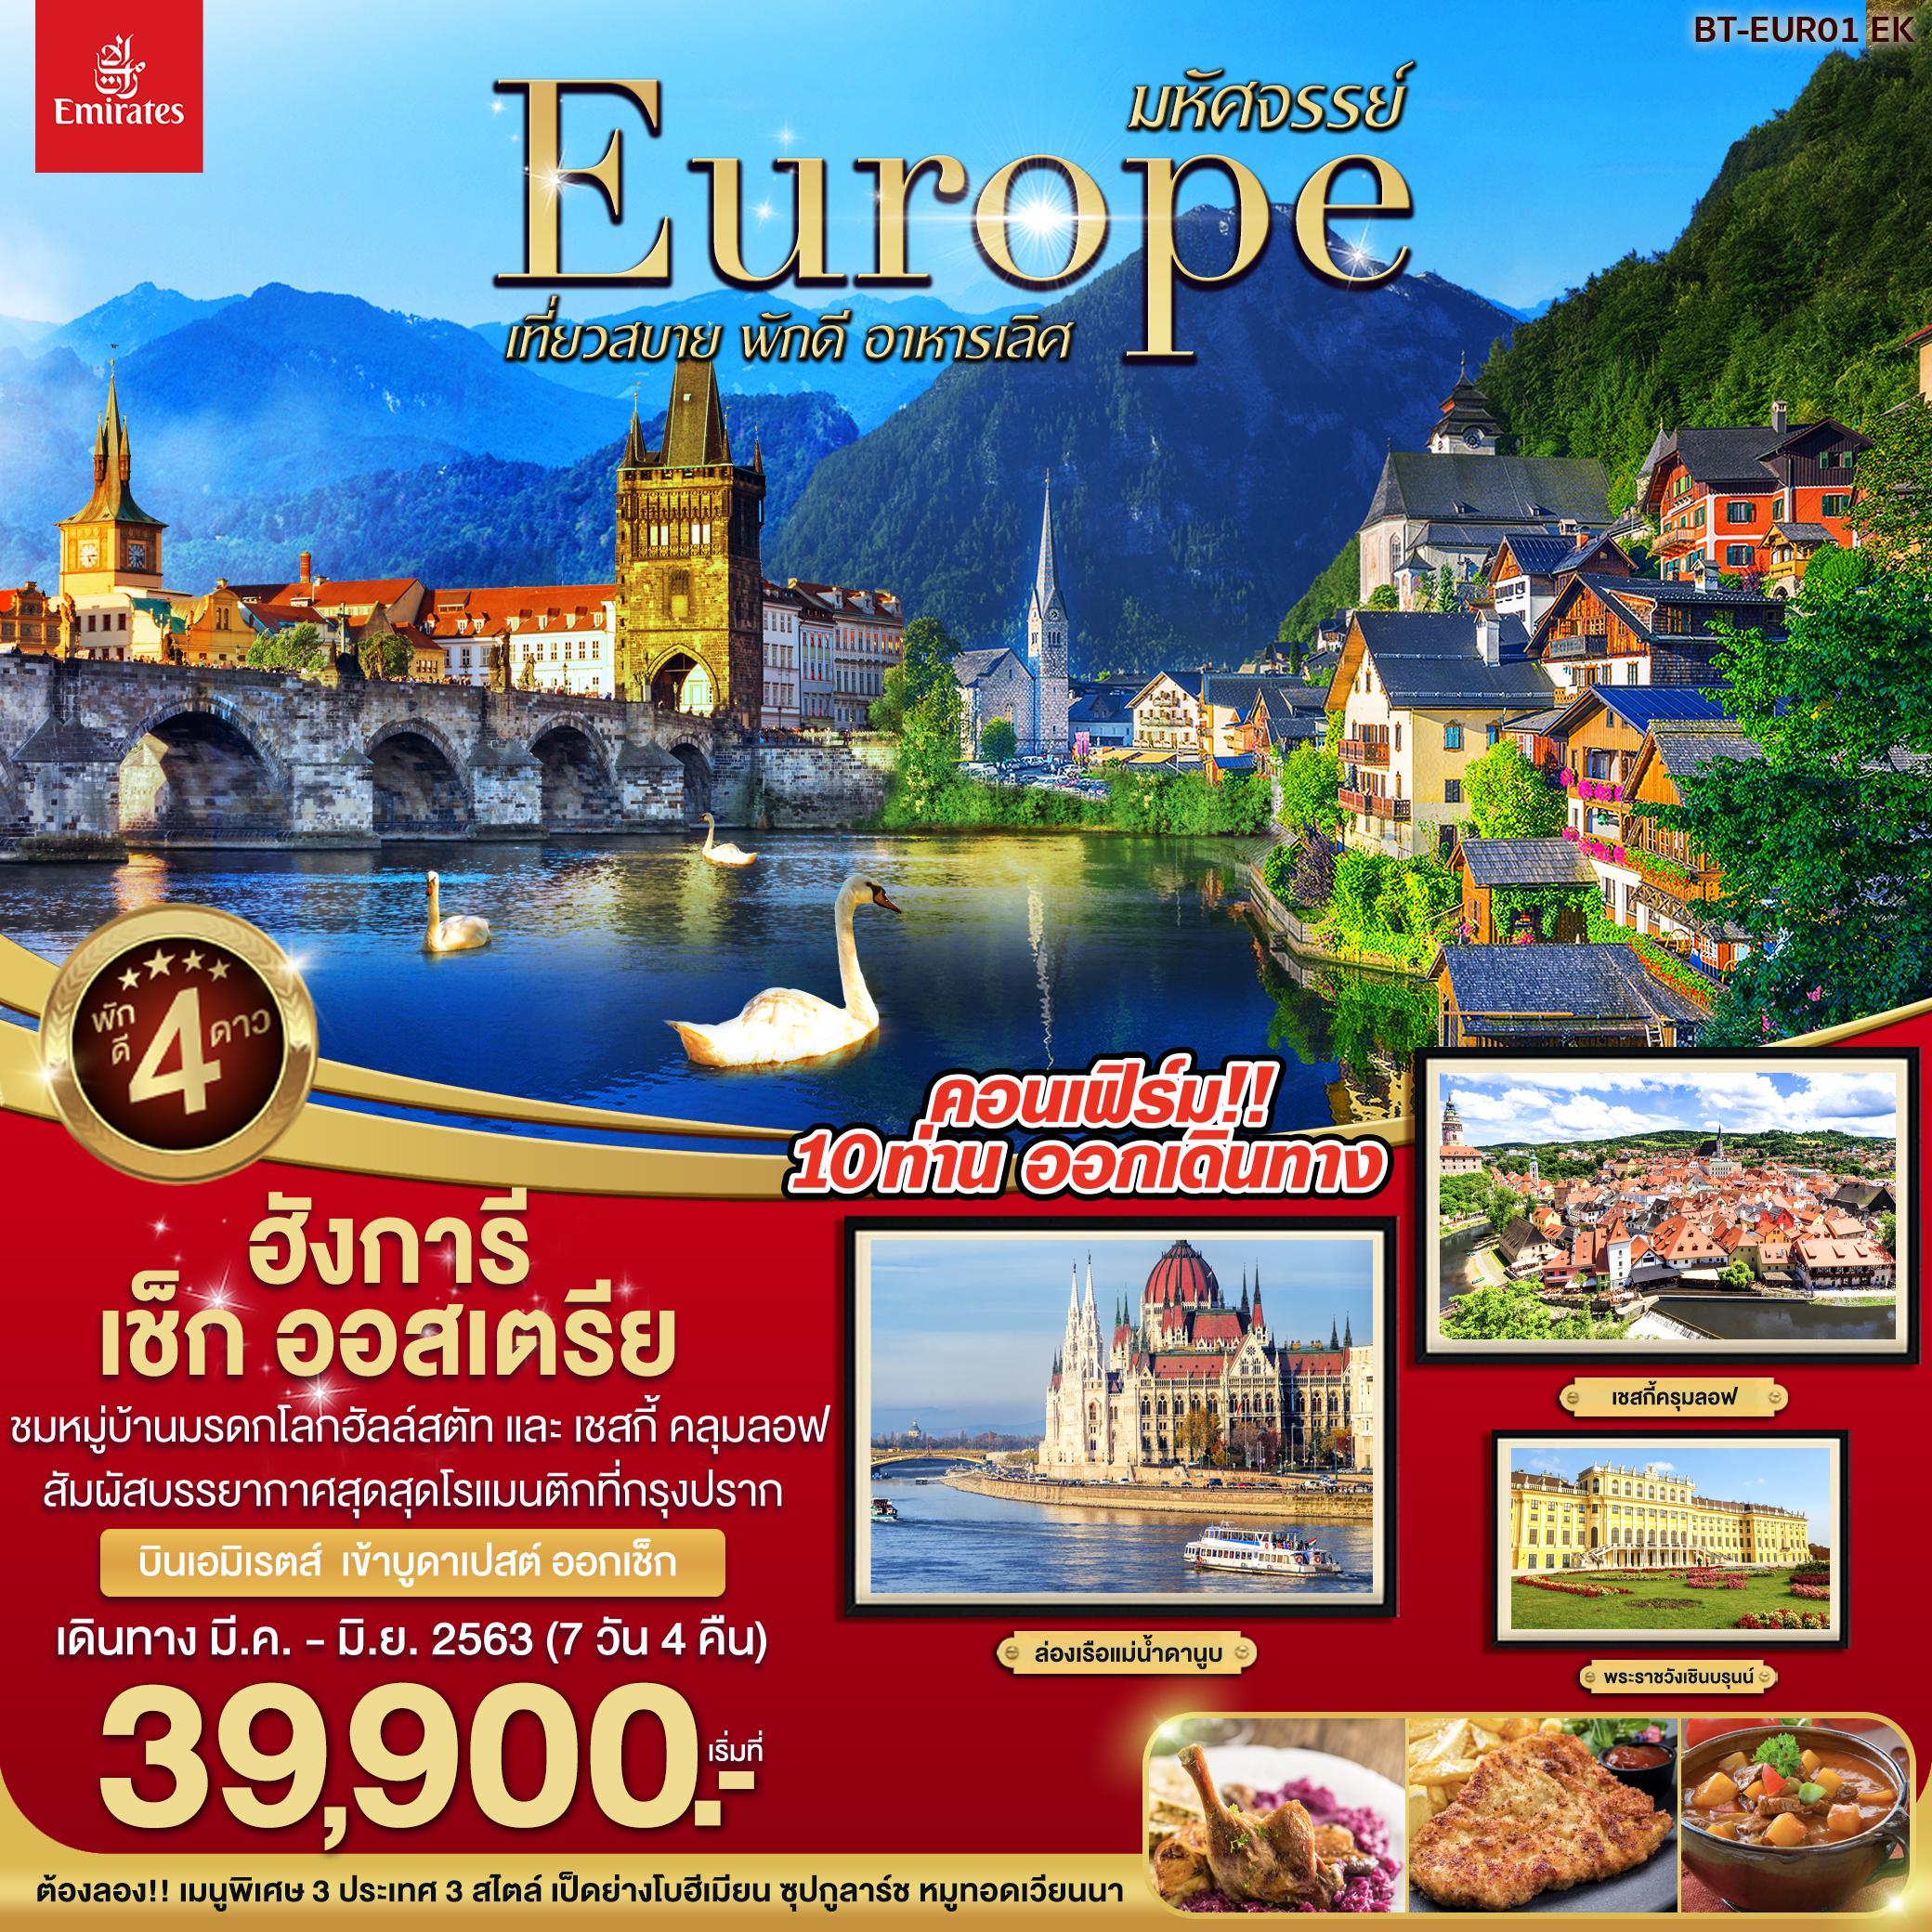 มหัศจรรย์ East Europe ฮังการี เช็ก ออสเตรีย